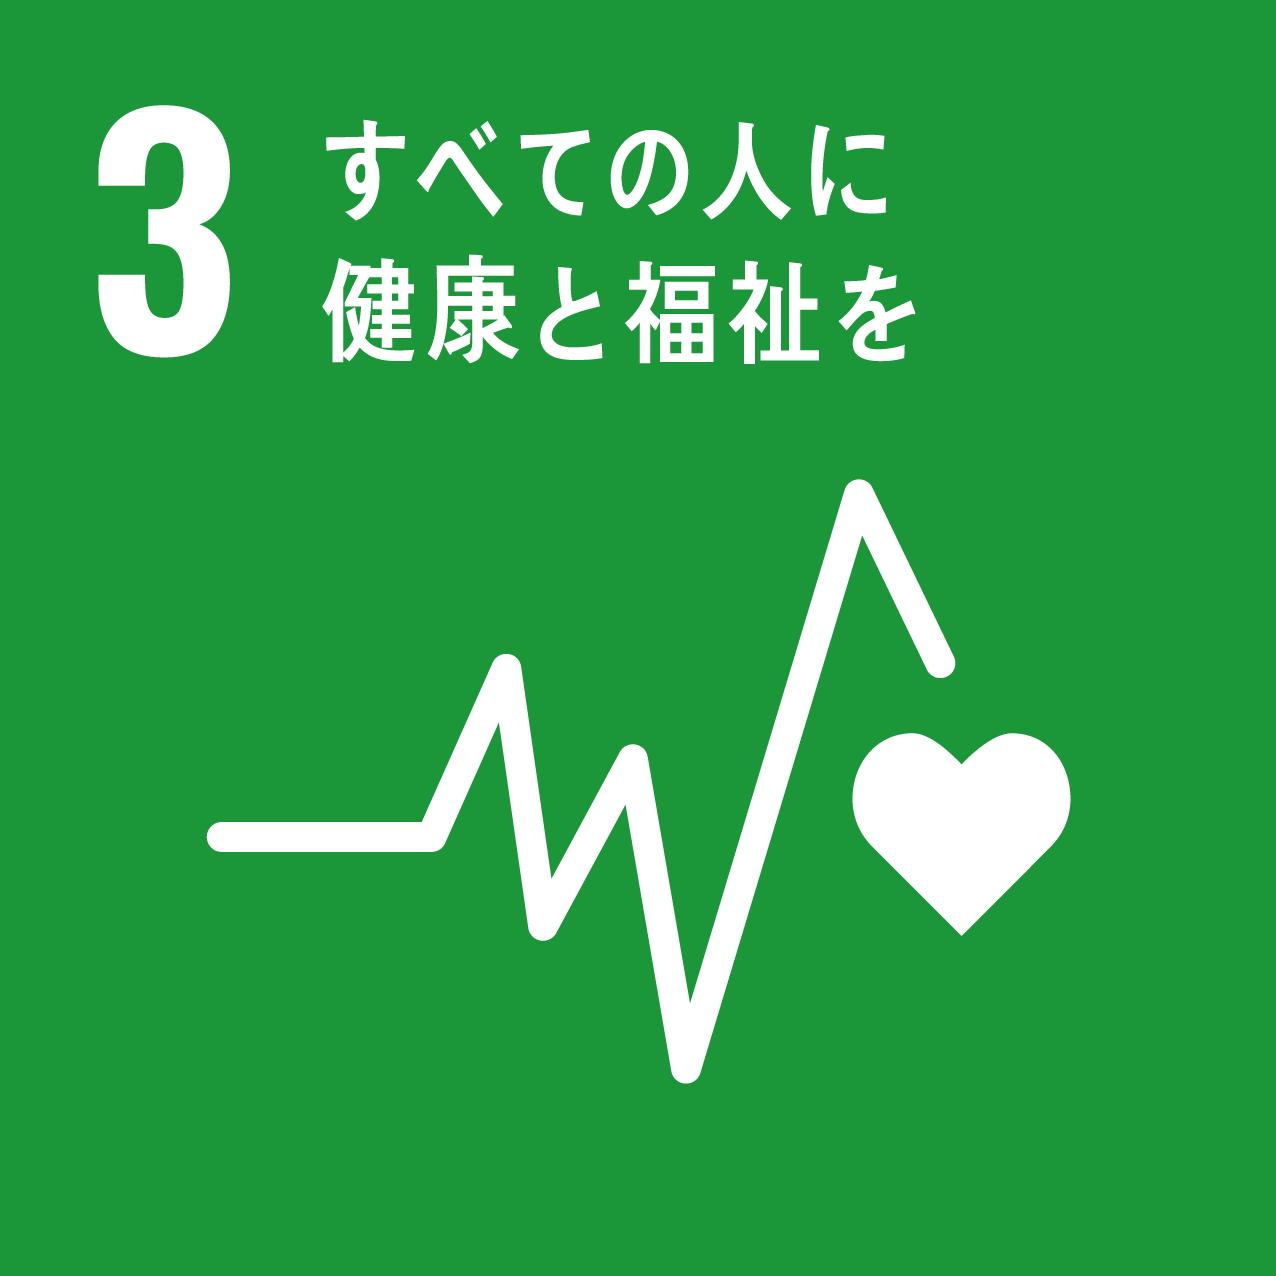 SDGs3すべての人に健康と福祉を